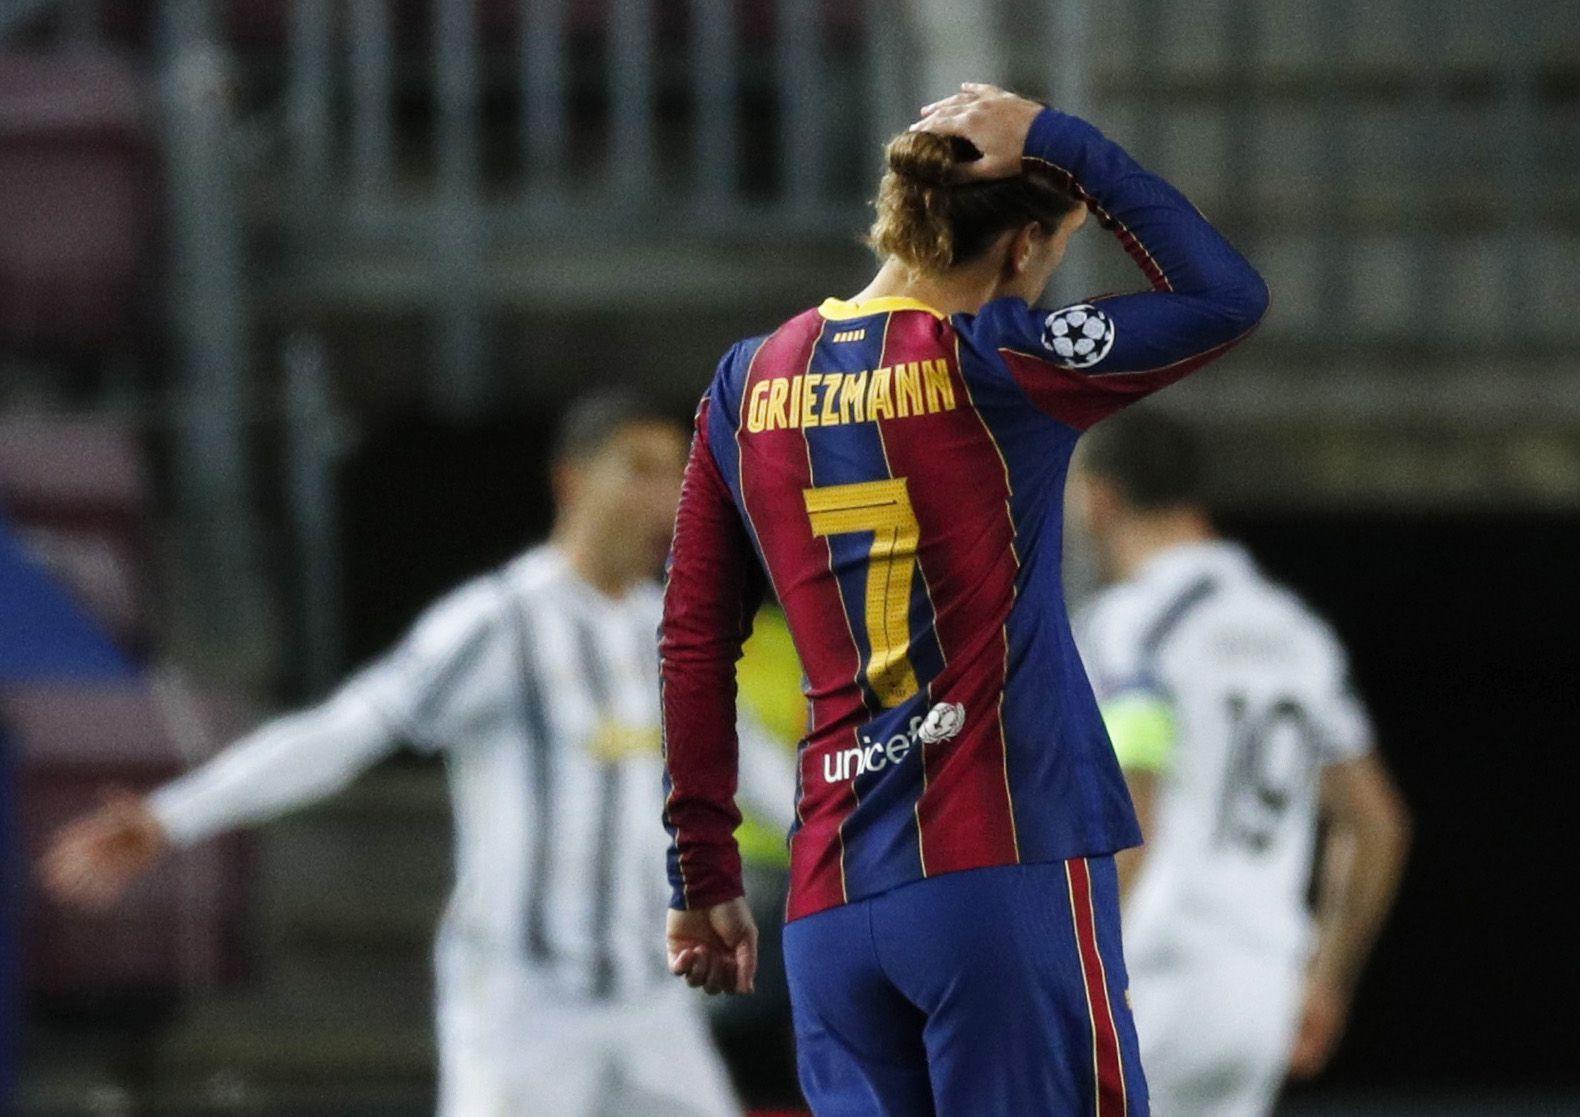 El francés cargó contra el equipo por el rendimiento mostrado ante la Juventus - REUTERS